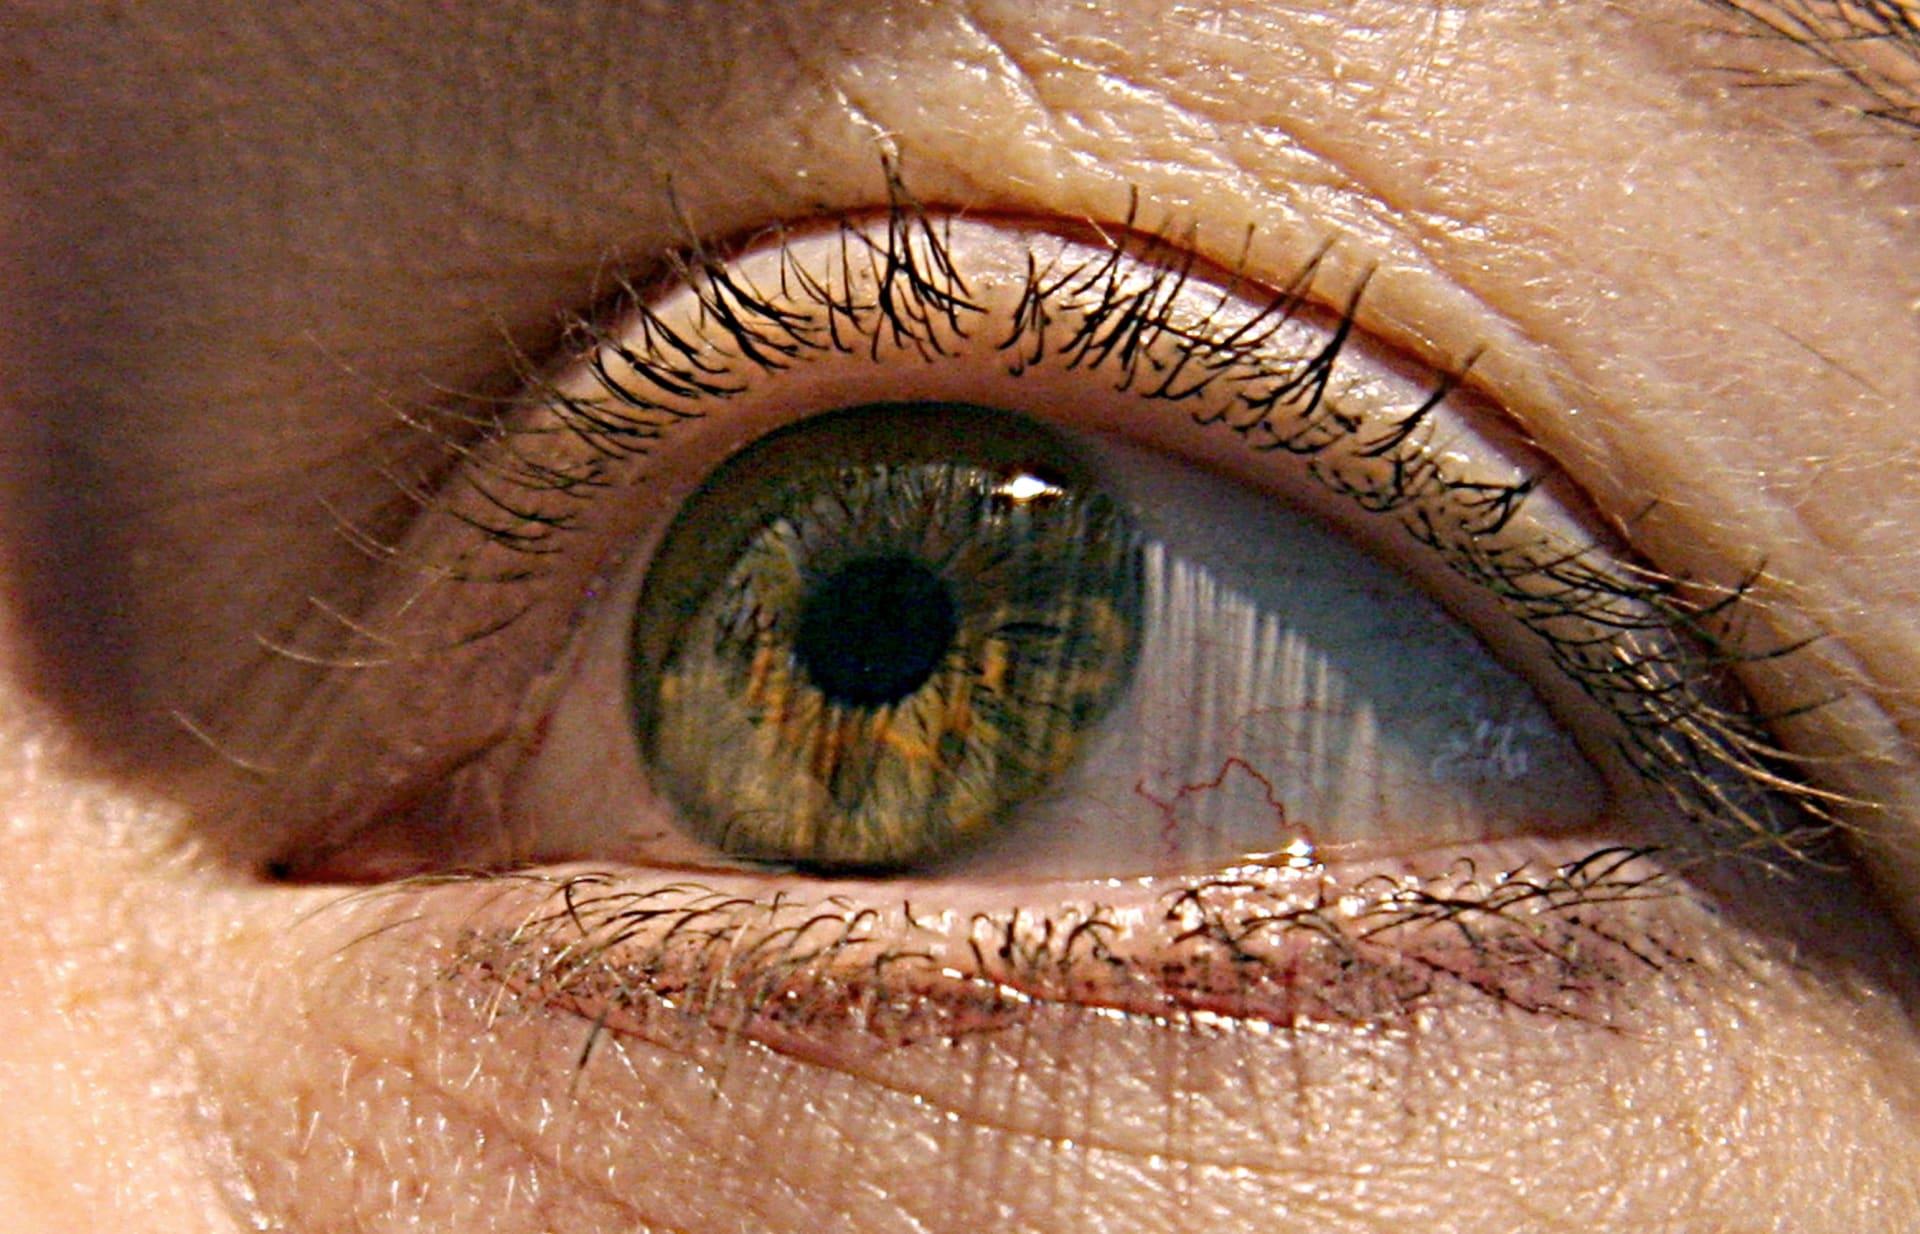 حبوب معالجة ضعف الانتصاب قد تجعلك ترى اللونين الأحمر أو الأزرق